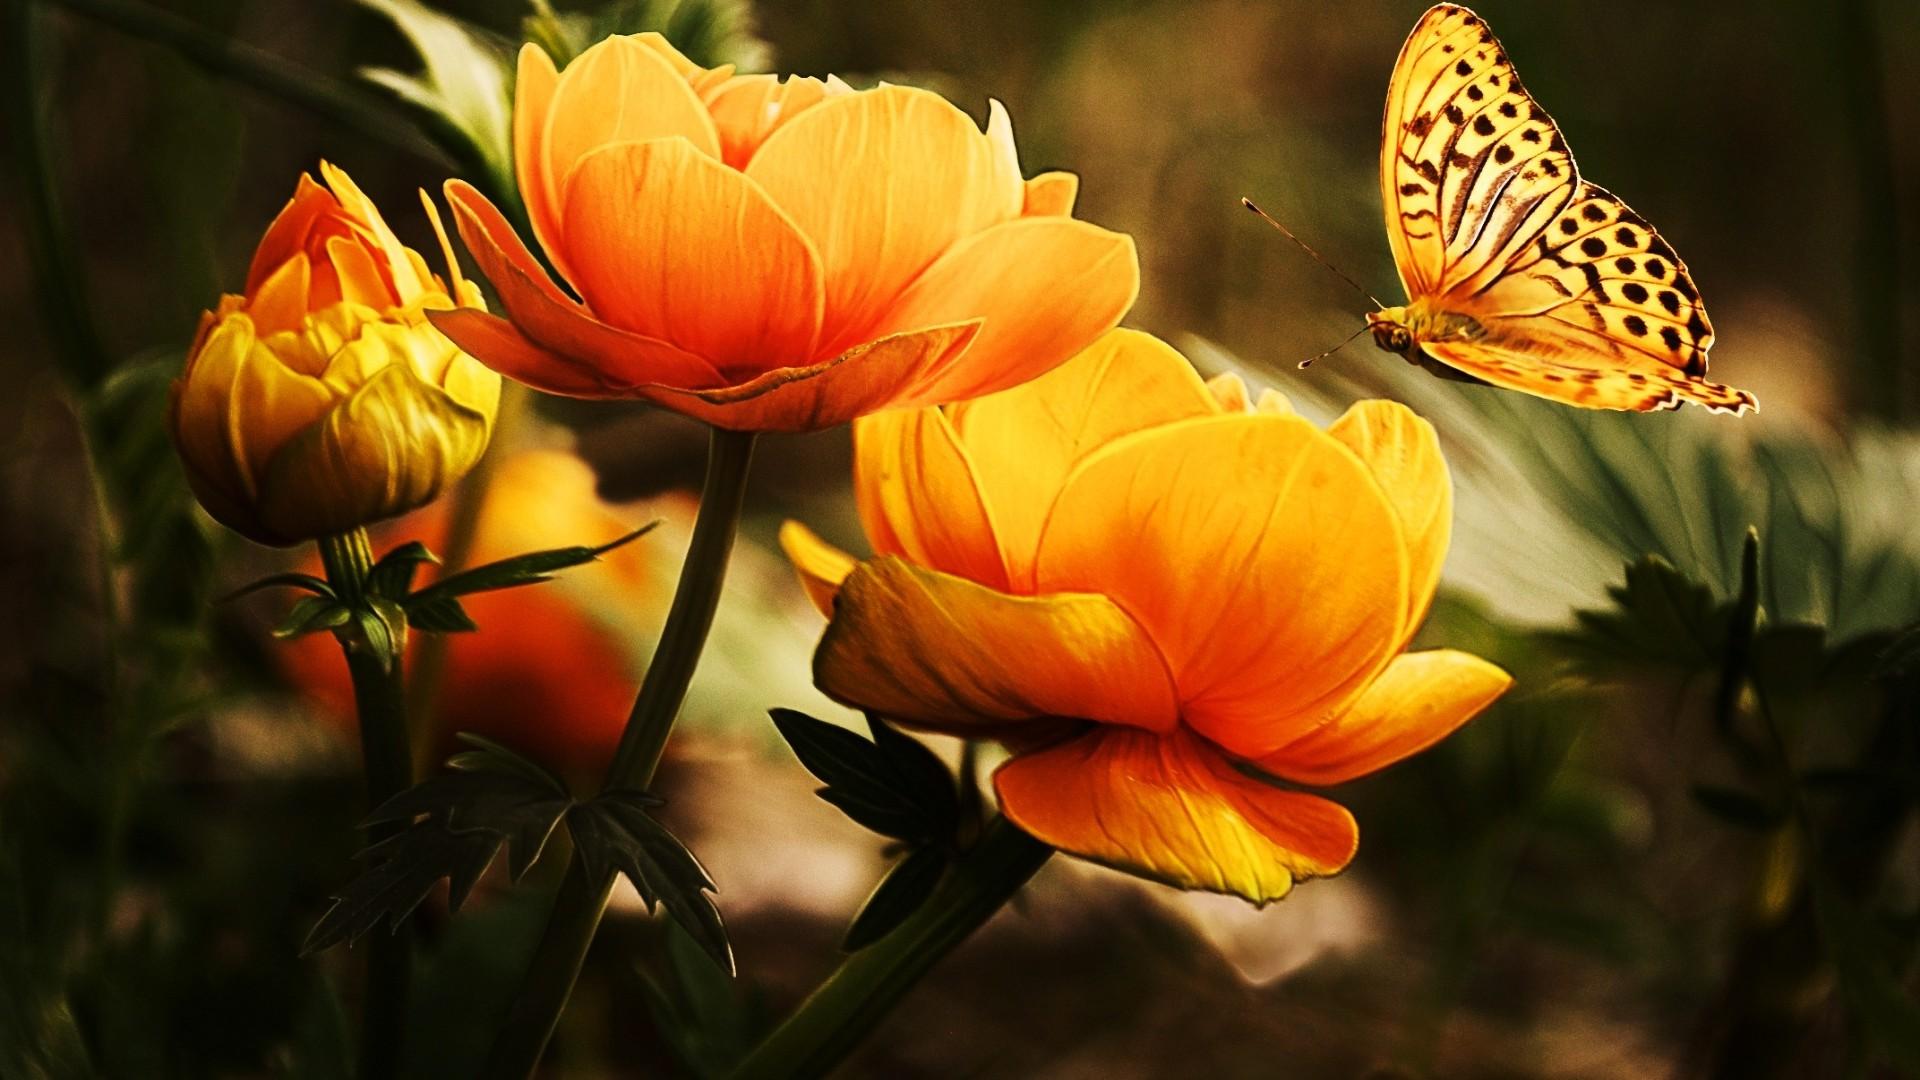 Fleur et papillon 10 000 fonds d 39 cran hd gratuits et de - Image papillon et fleur ...